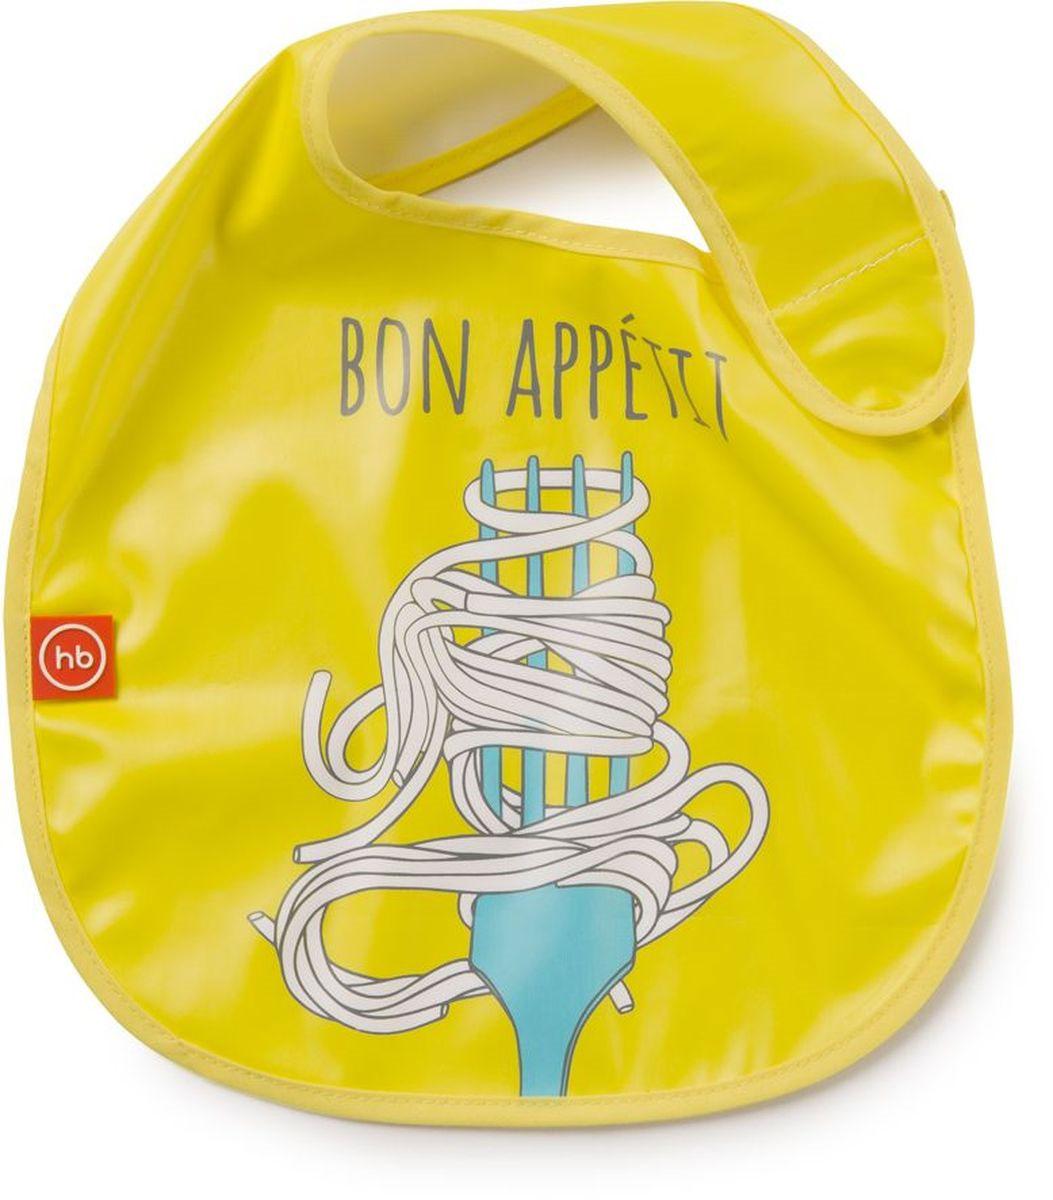 Happy Baby Фартук нагрудный Приятного аппетита16009Нагрудный фартук Happy Baby Приятного аппетита выполнен из полиуретана, полиэстера и хлопка и украшен изображением вилки и спагетти. Фартук имеет удобную застежку-липучку для быстрого надевания и снимания. Нагрудный фартук Happy Baby Вкусный завтрак поможет защитить одежду малыша во время кормления. Рекомендовано детям от 6 месяцев.